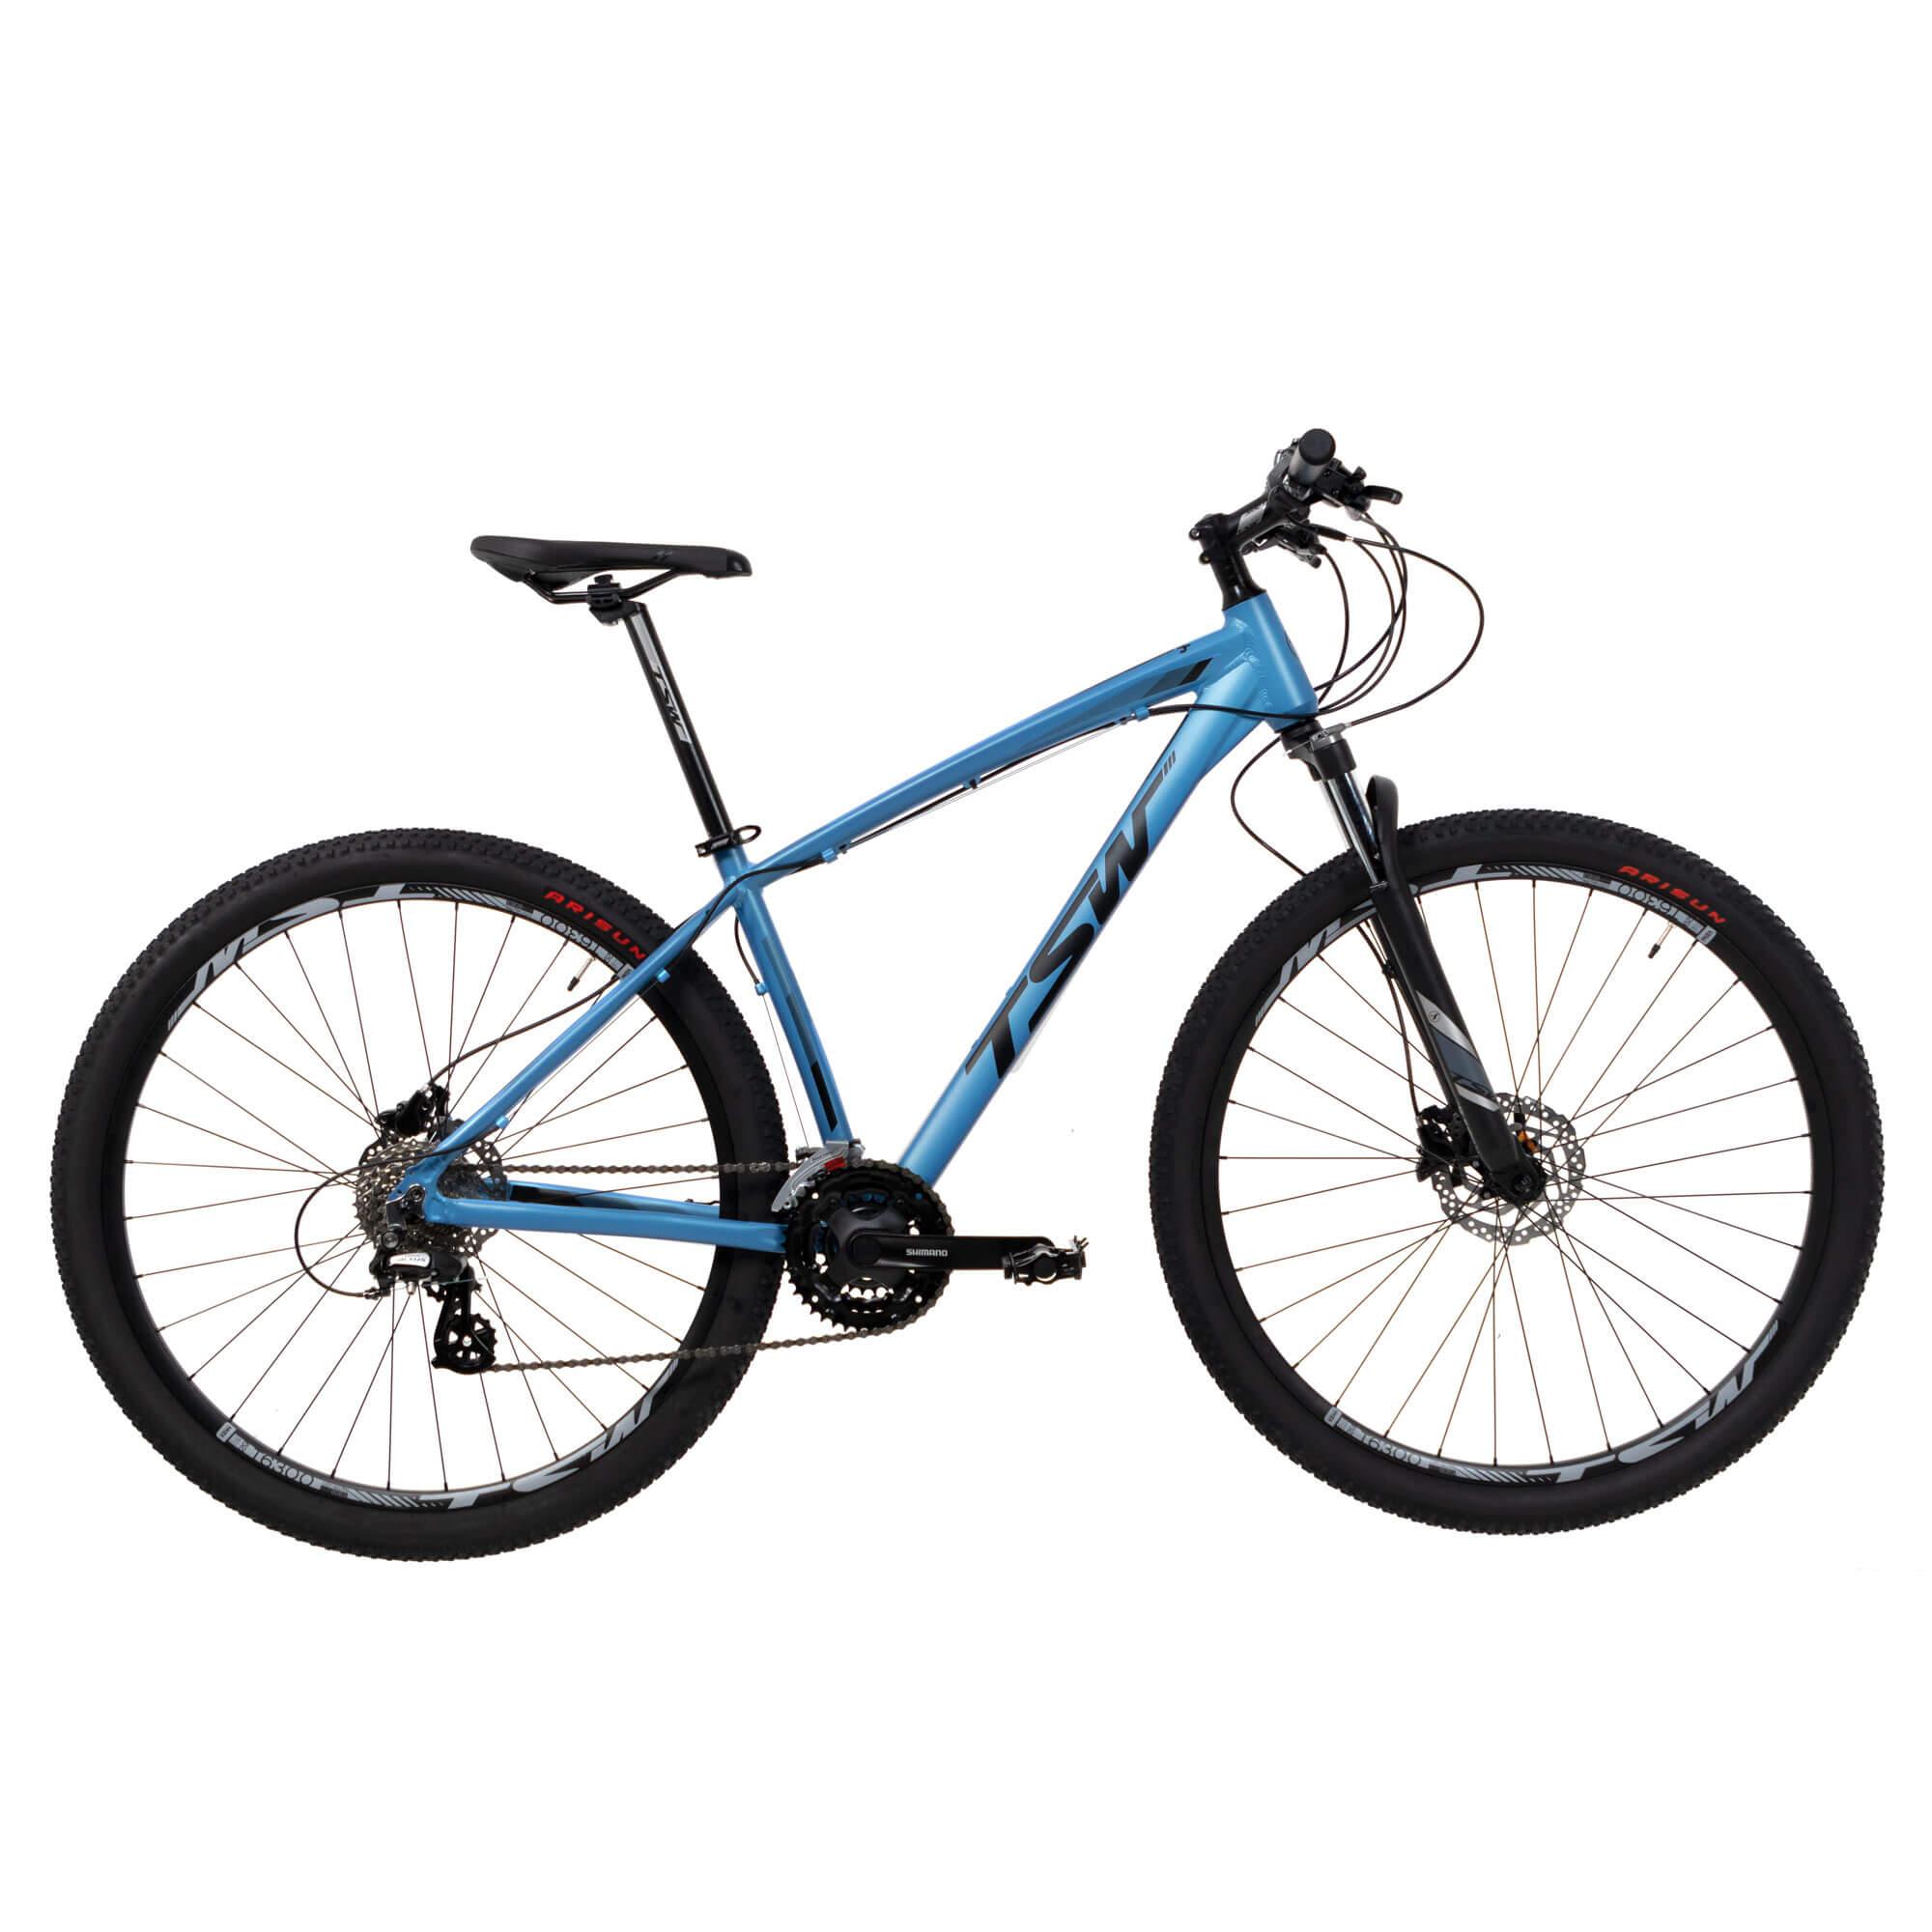 Comparativo de bicicletas MTB de entrada nacionais, TSW Hunch 24v